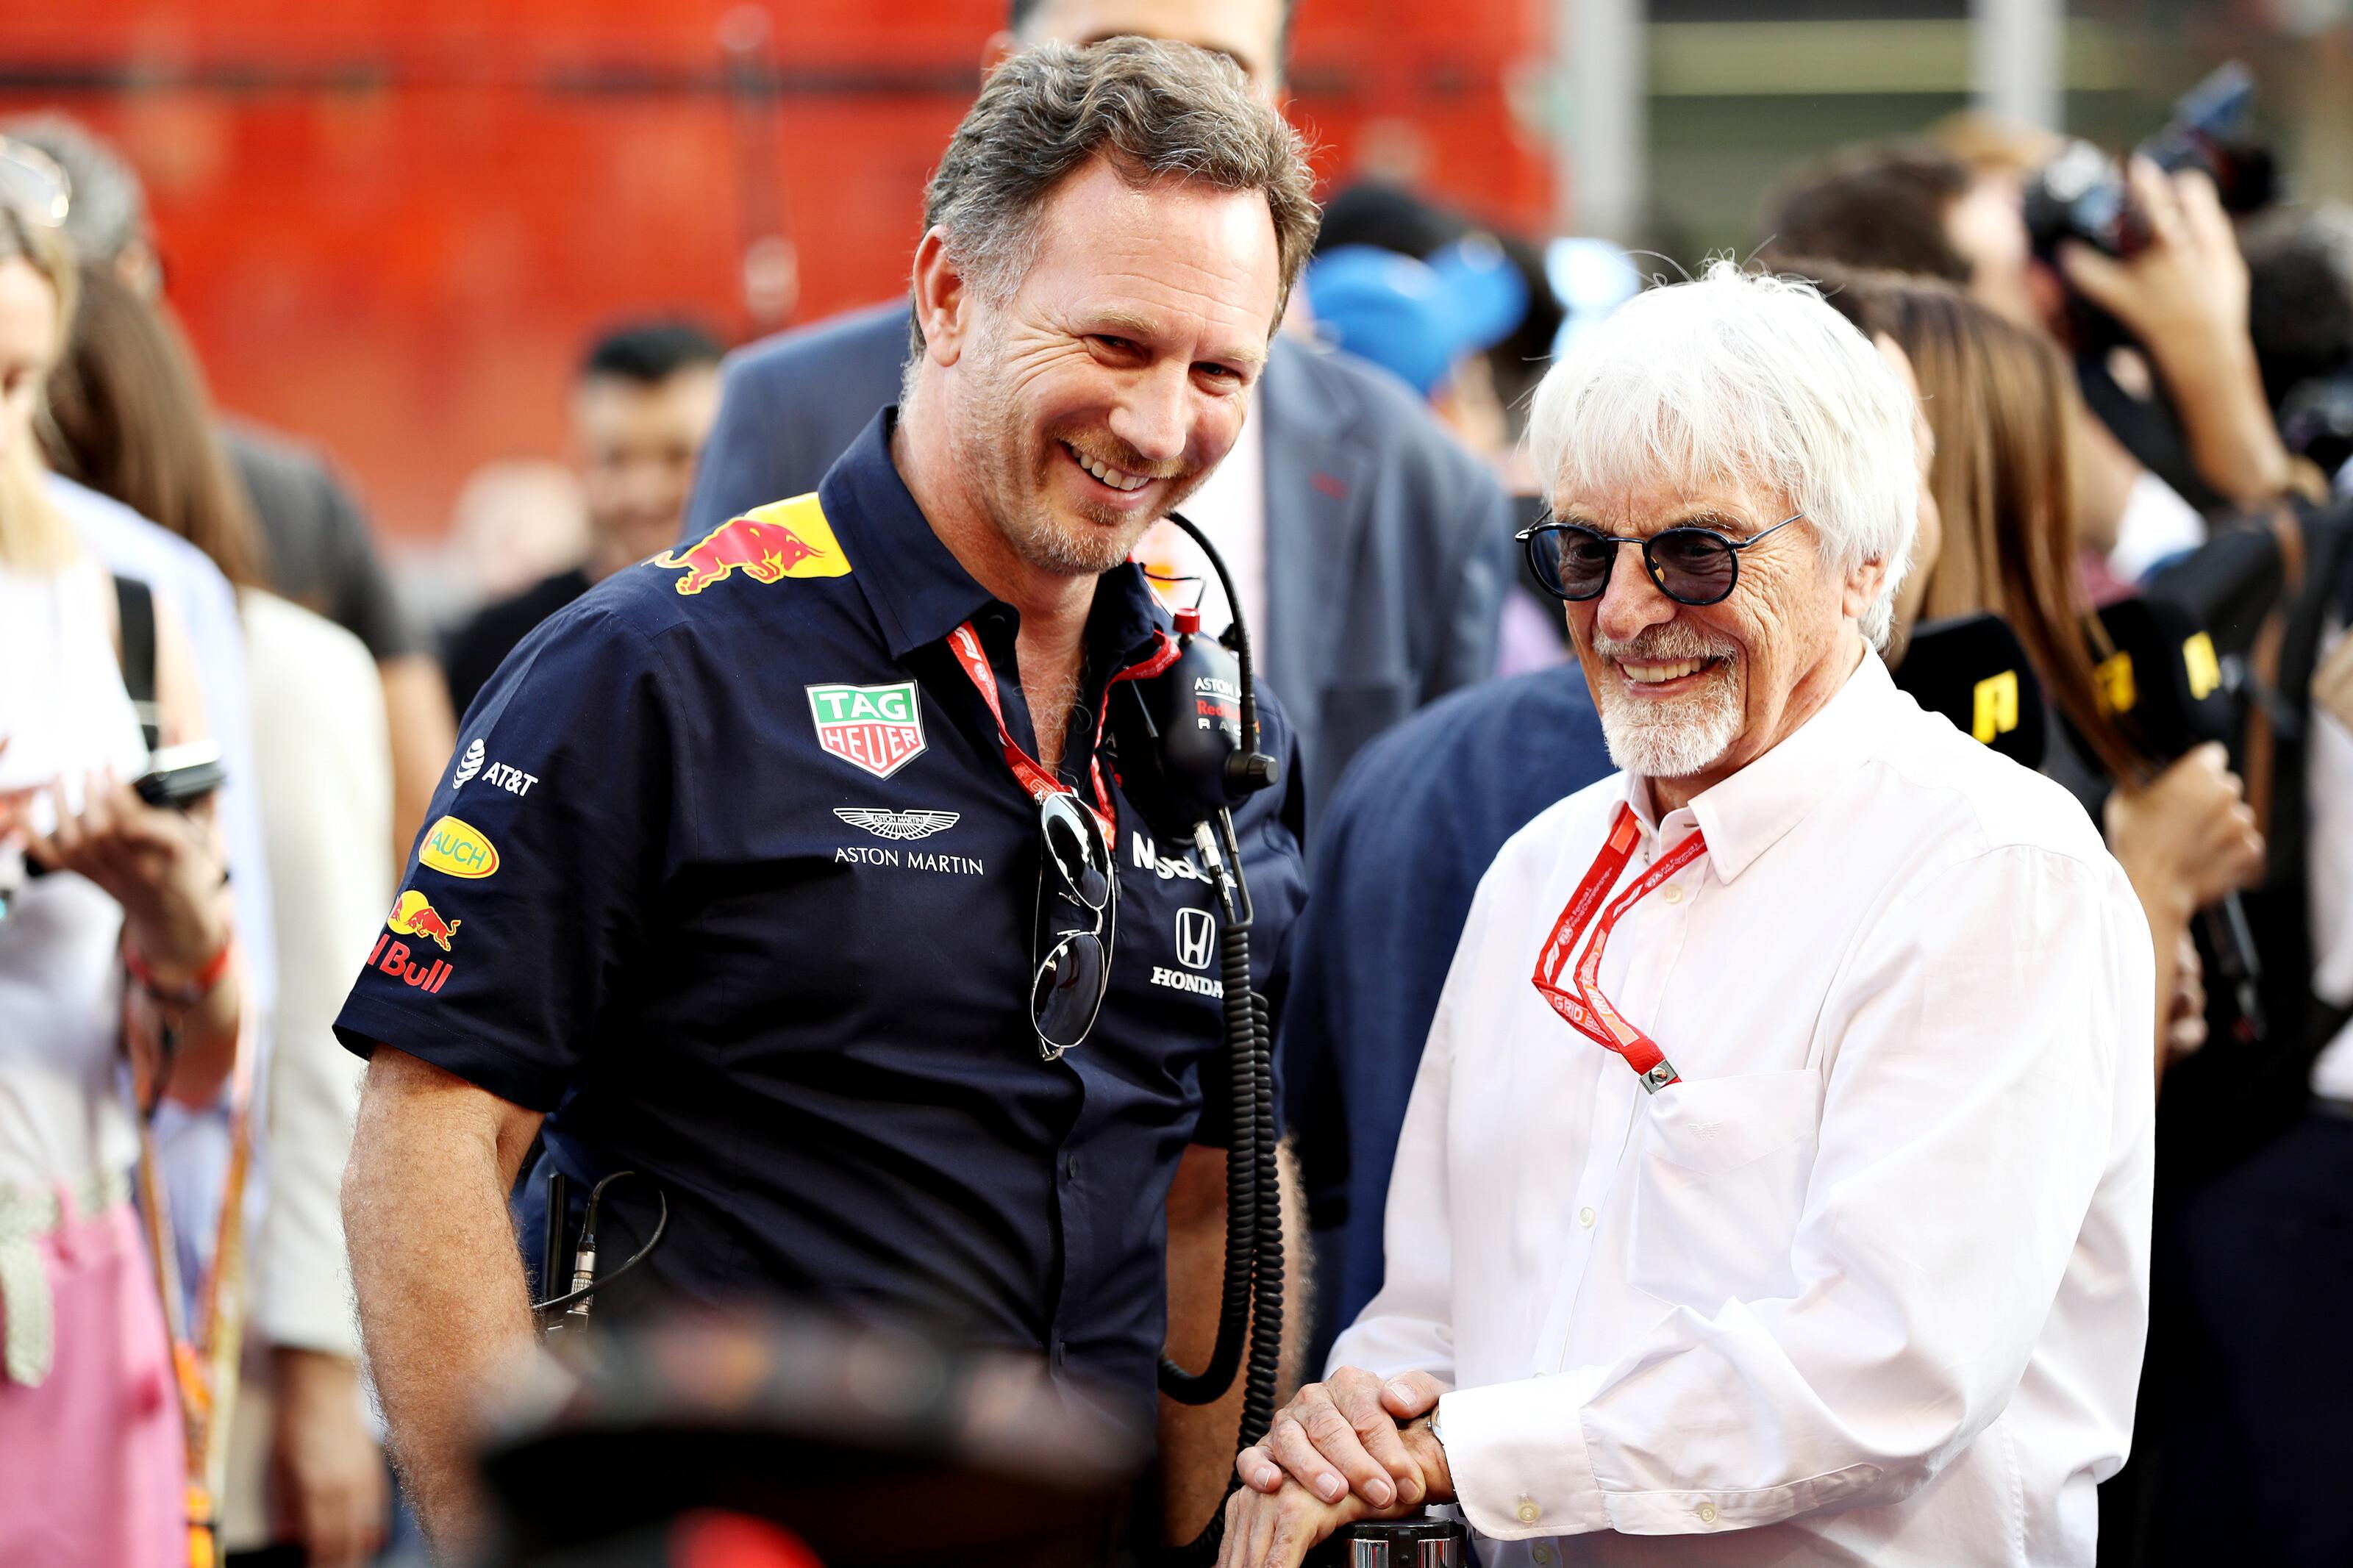 Most ismerhetjük meg igazán Ecclestone és az F1 történetét